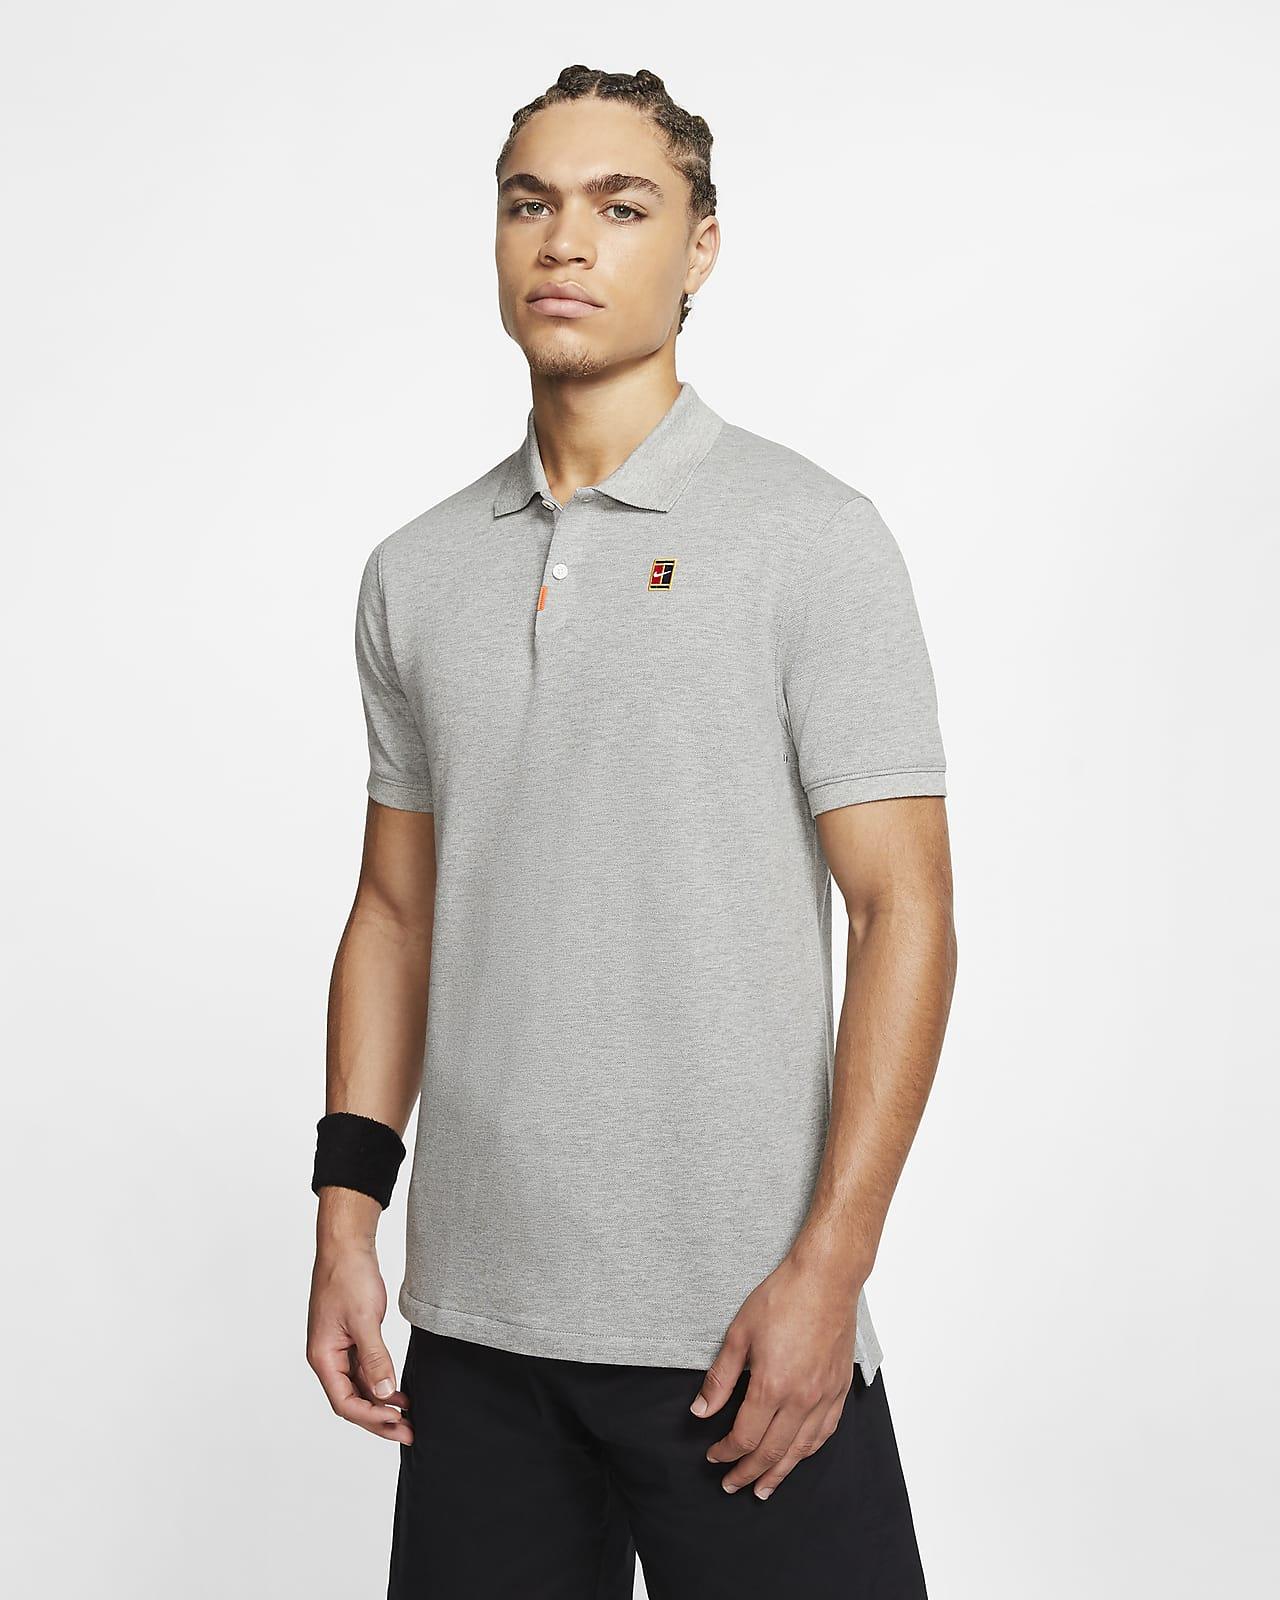 Męska dopasowana koszulka polo The Nike Polo